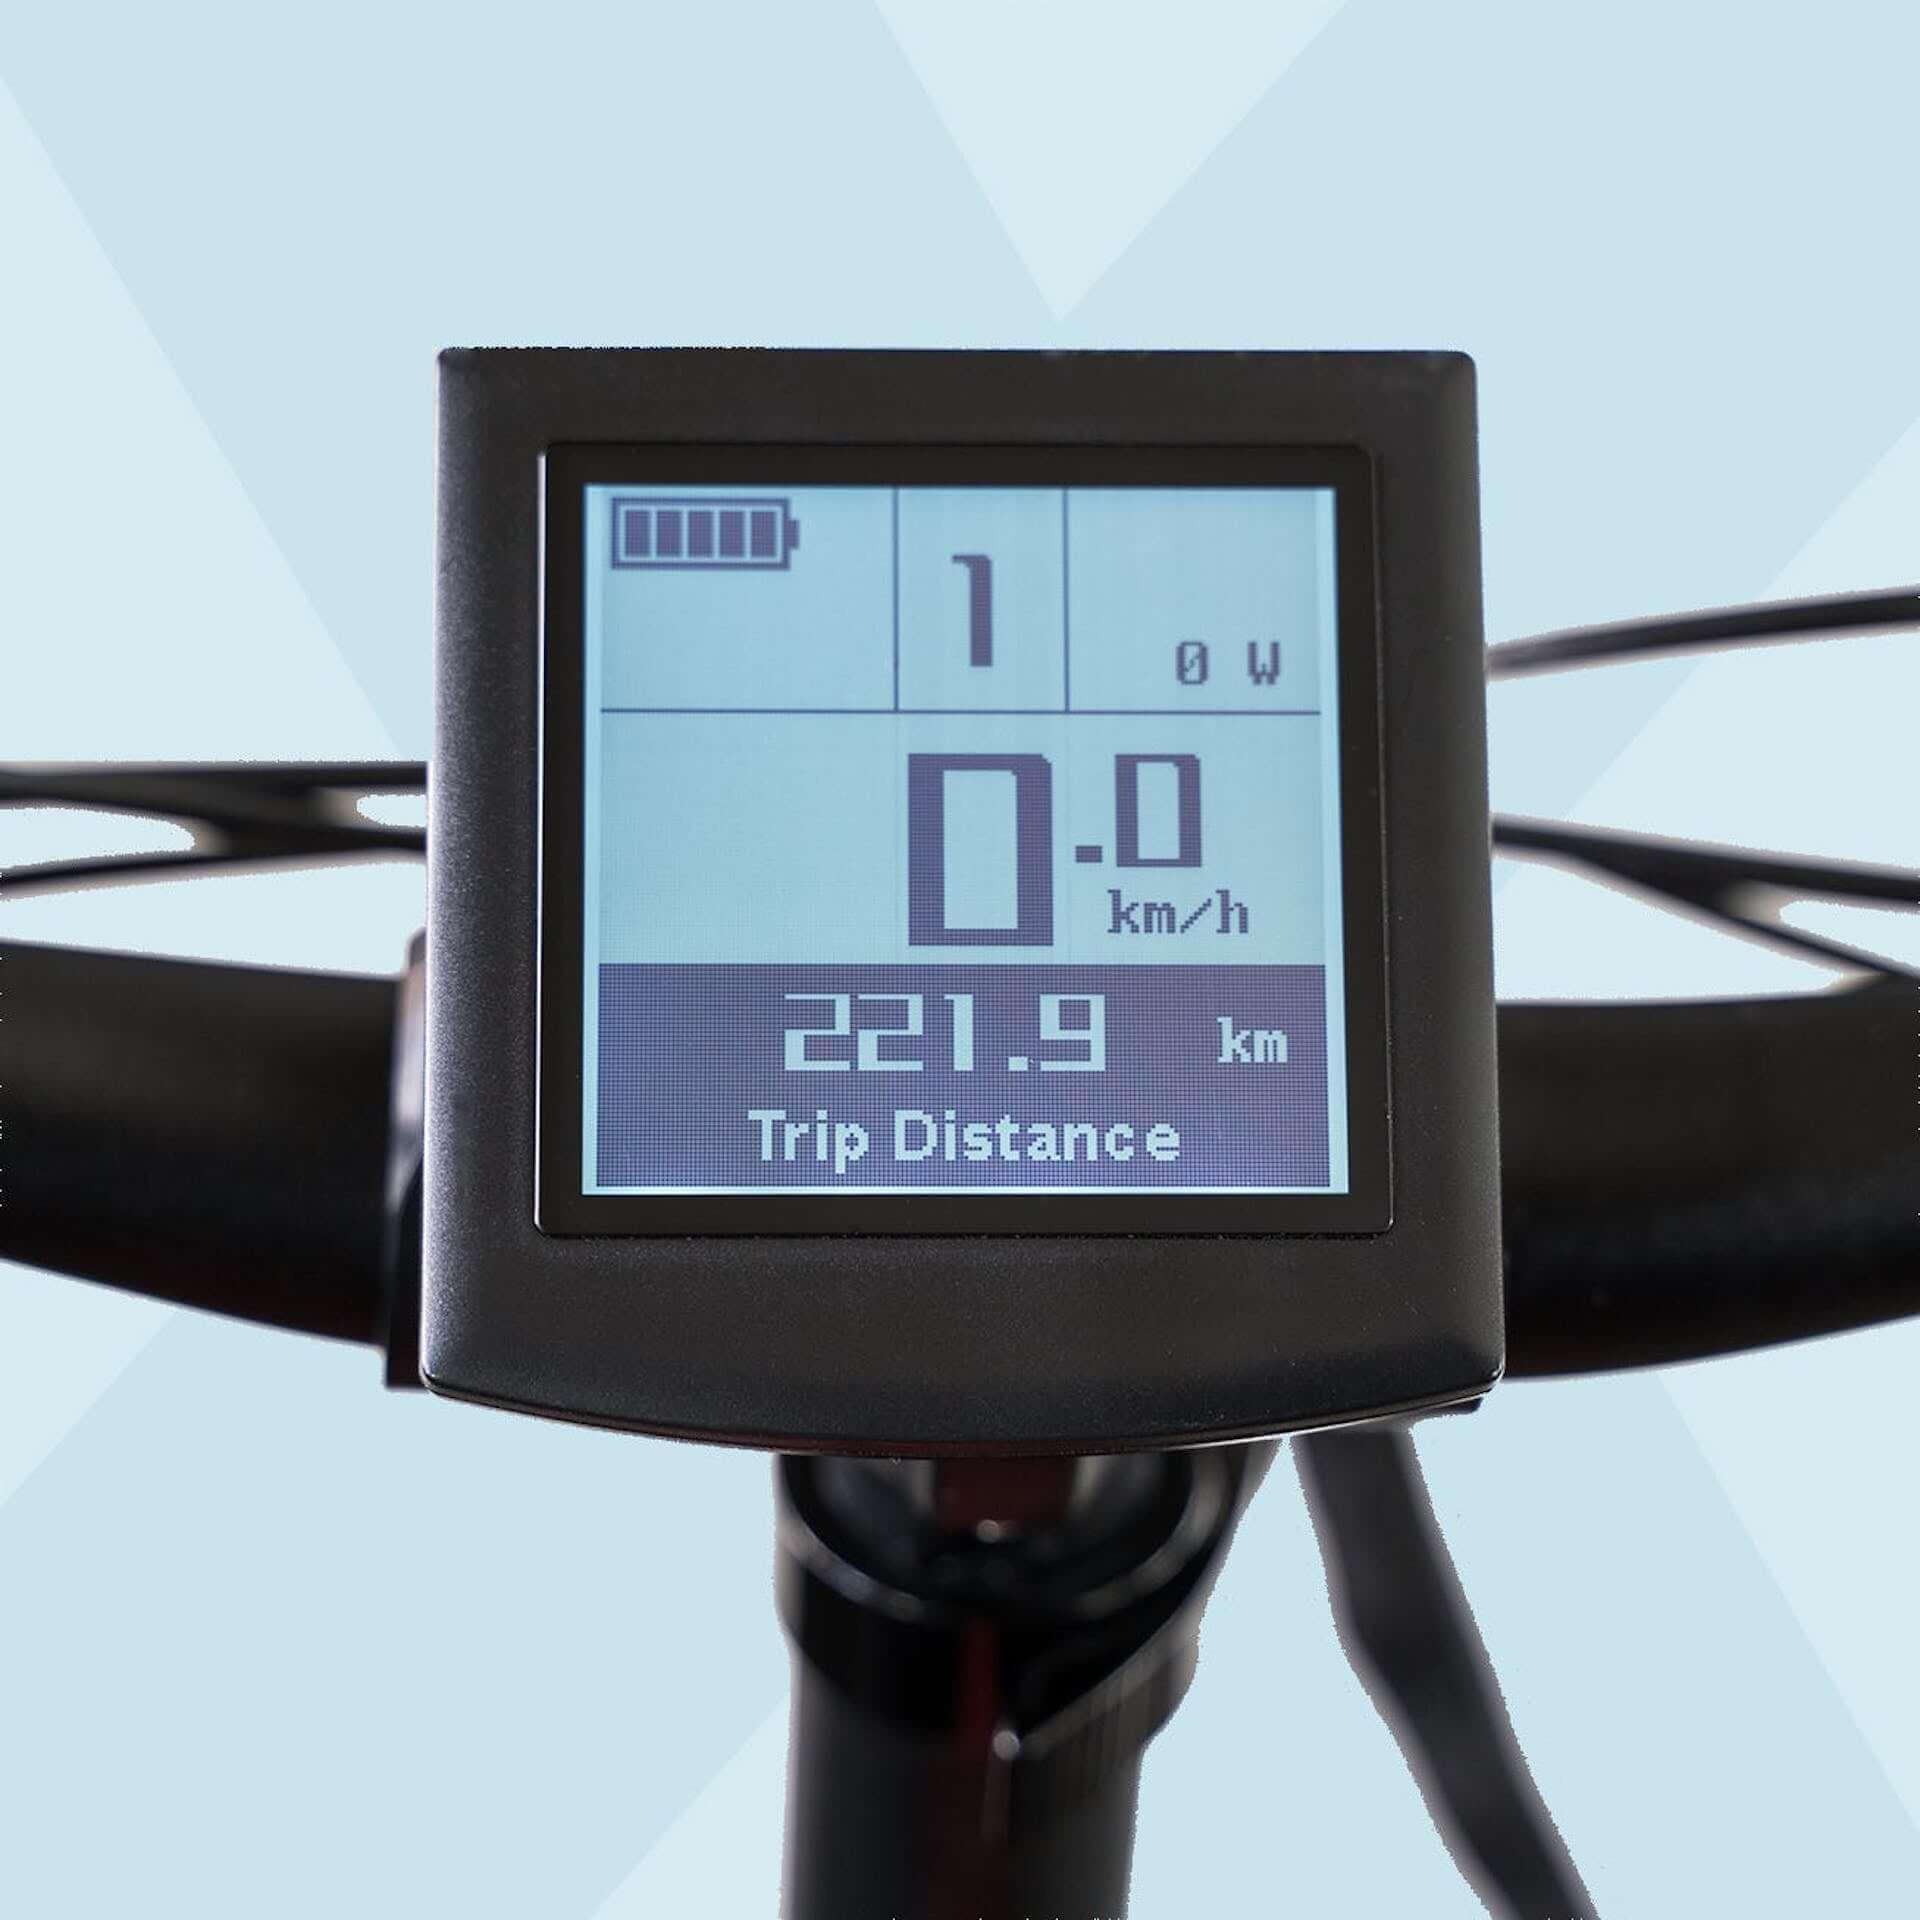 18億円超の支援を集めた折り畳み式電動自転車『MATE X』が日本に上陸!クラウドファンディングが本日開始 life200408_mate_bike_4-1920x1920